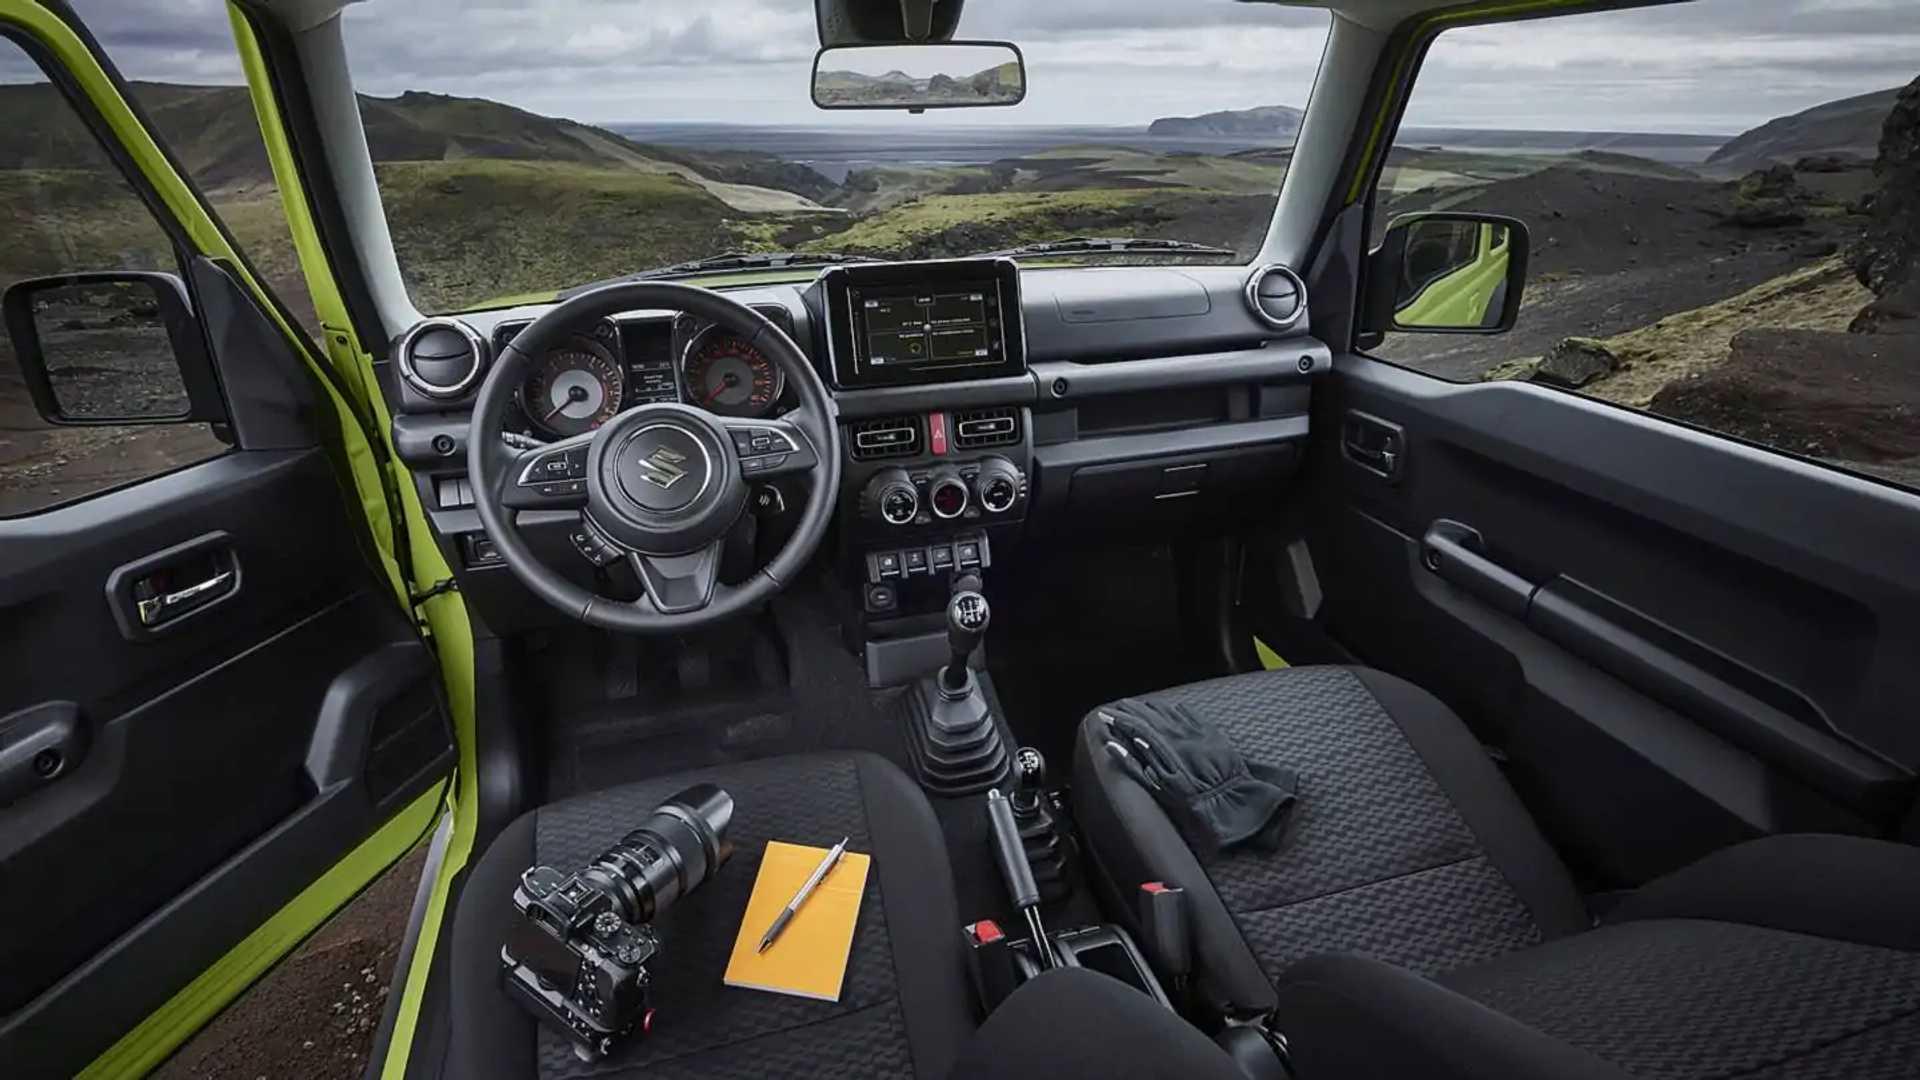 2018 Suzuki Jimny first drive: Old-school charm